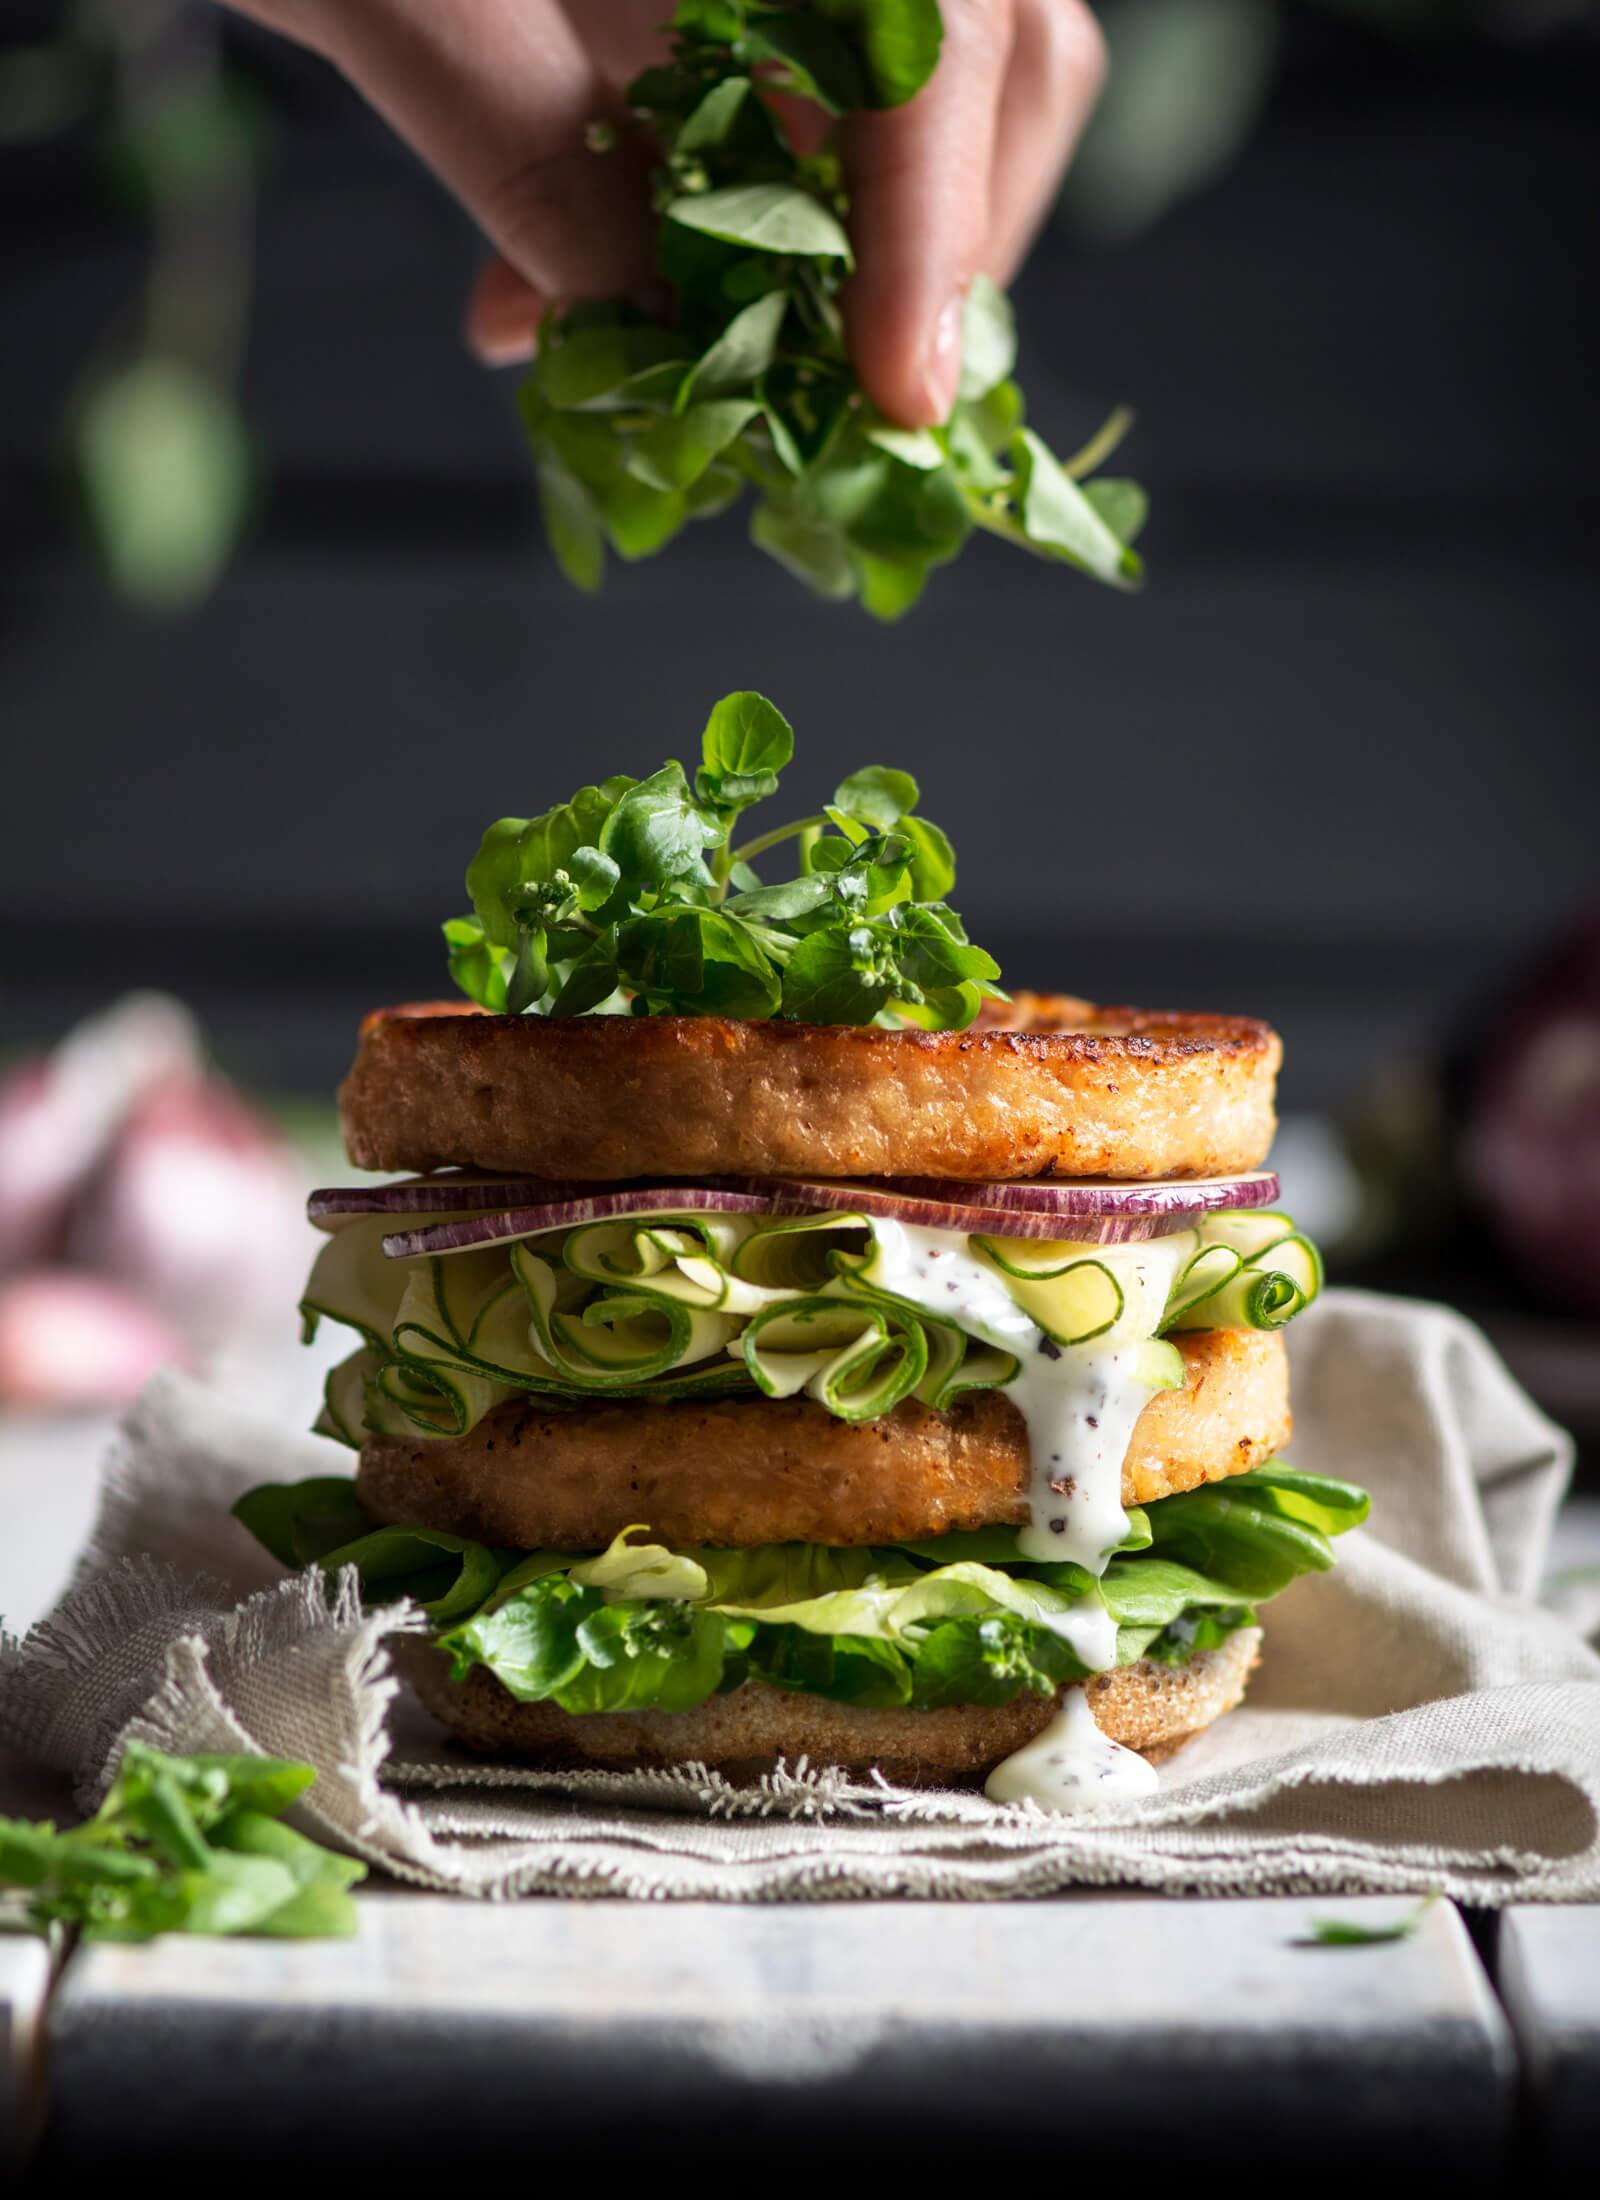 delicias-huerto-hamburguesa-la-crianza-estudio-como